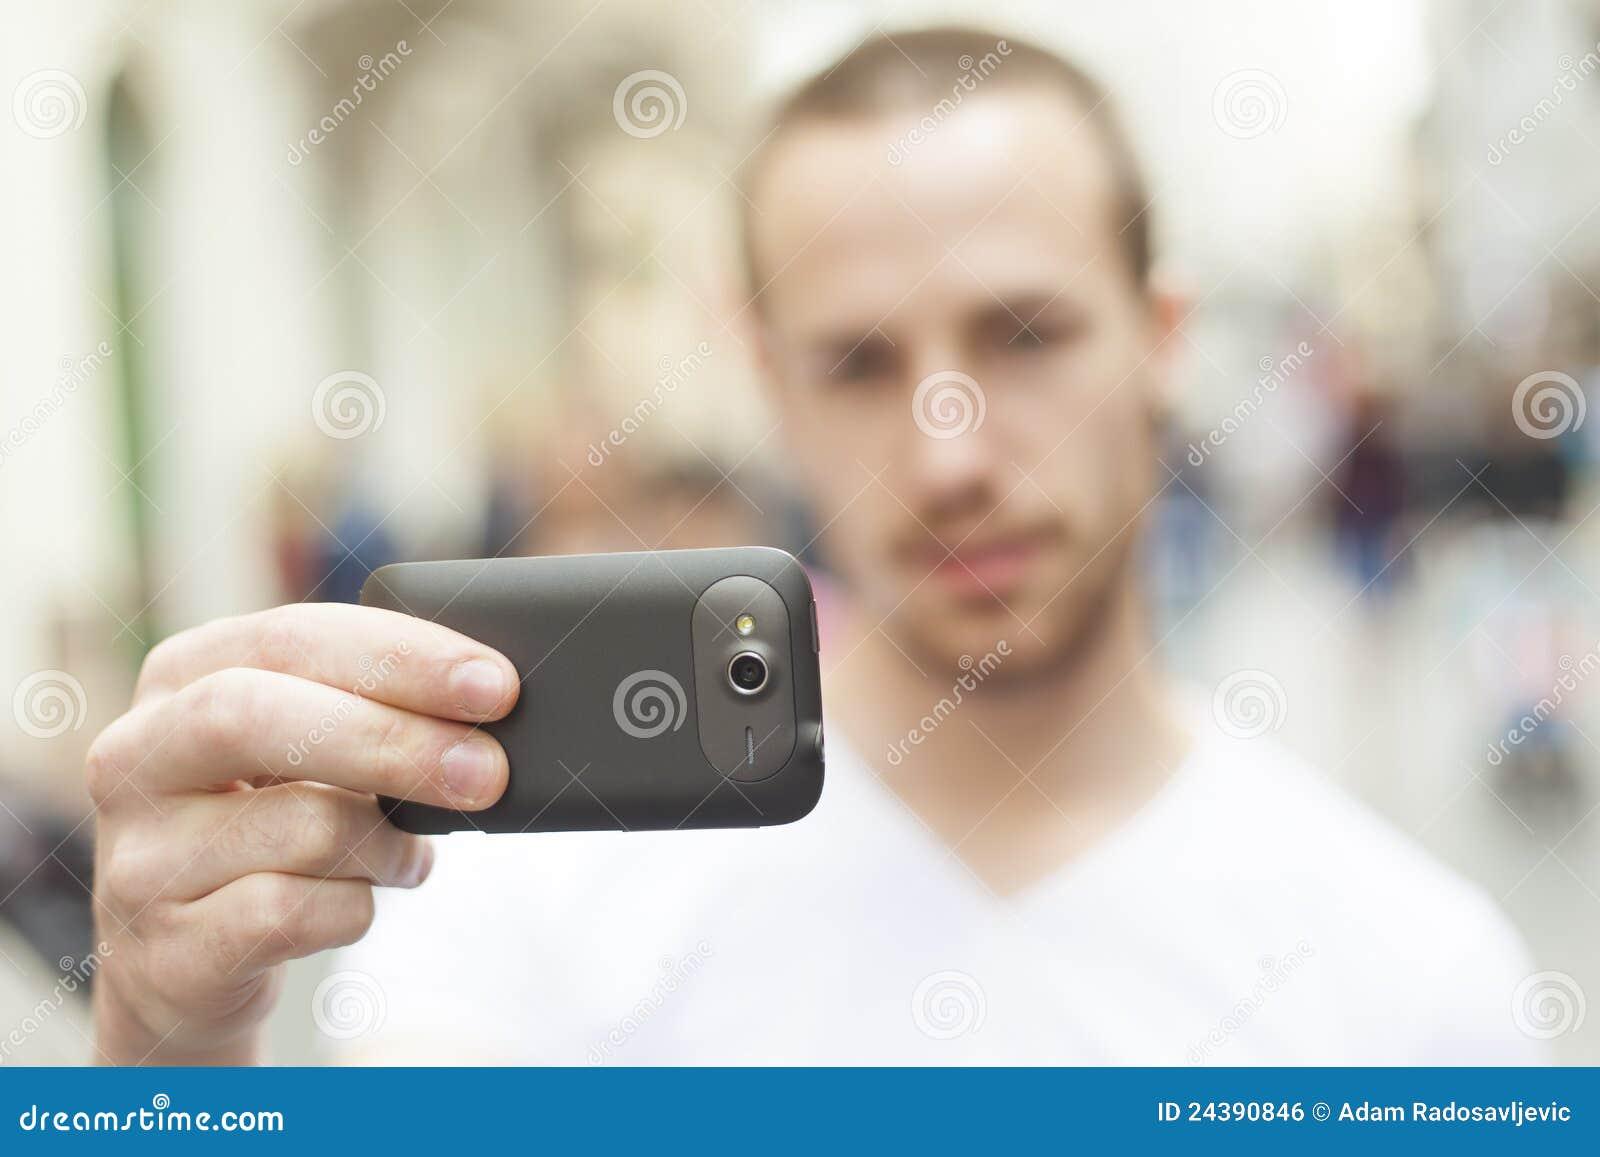 image libre de droits photographe urbain avec le tCAlCAphone mobila